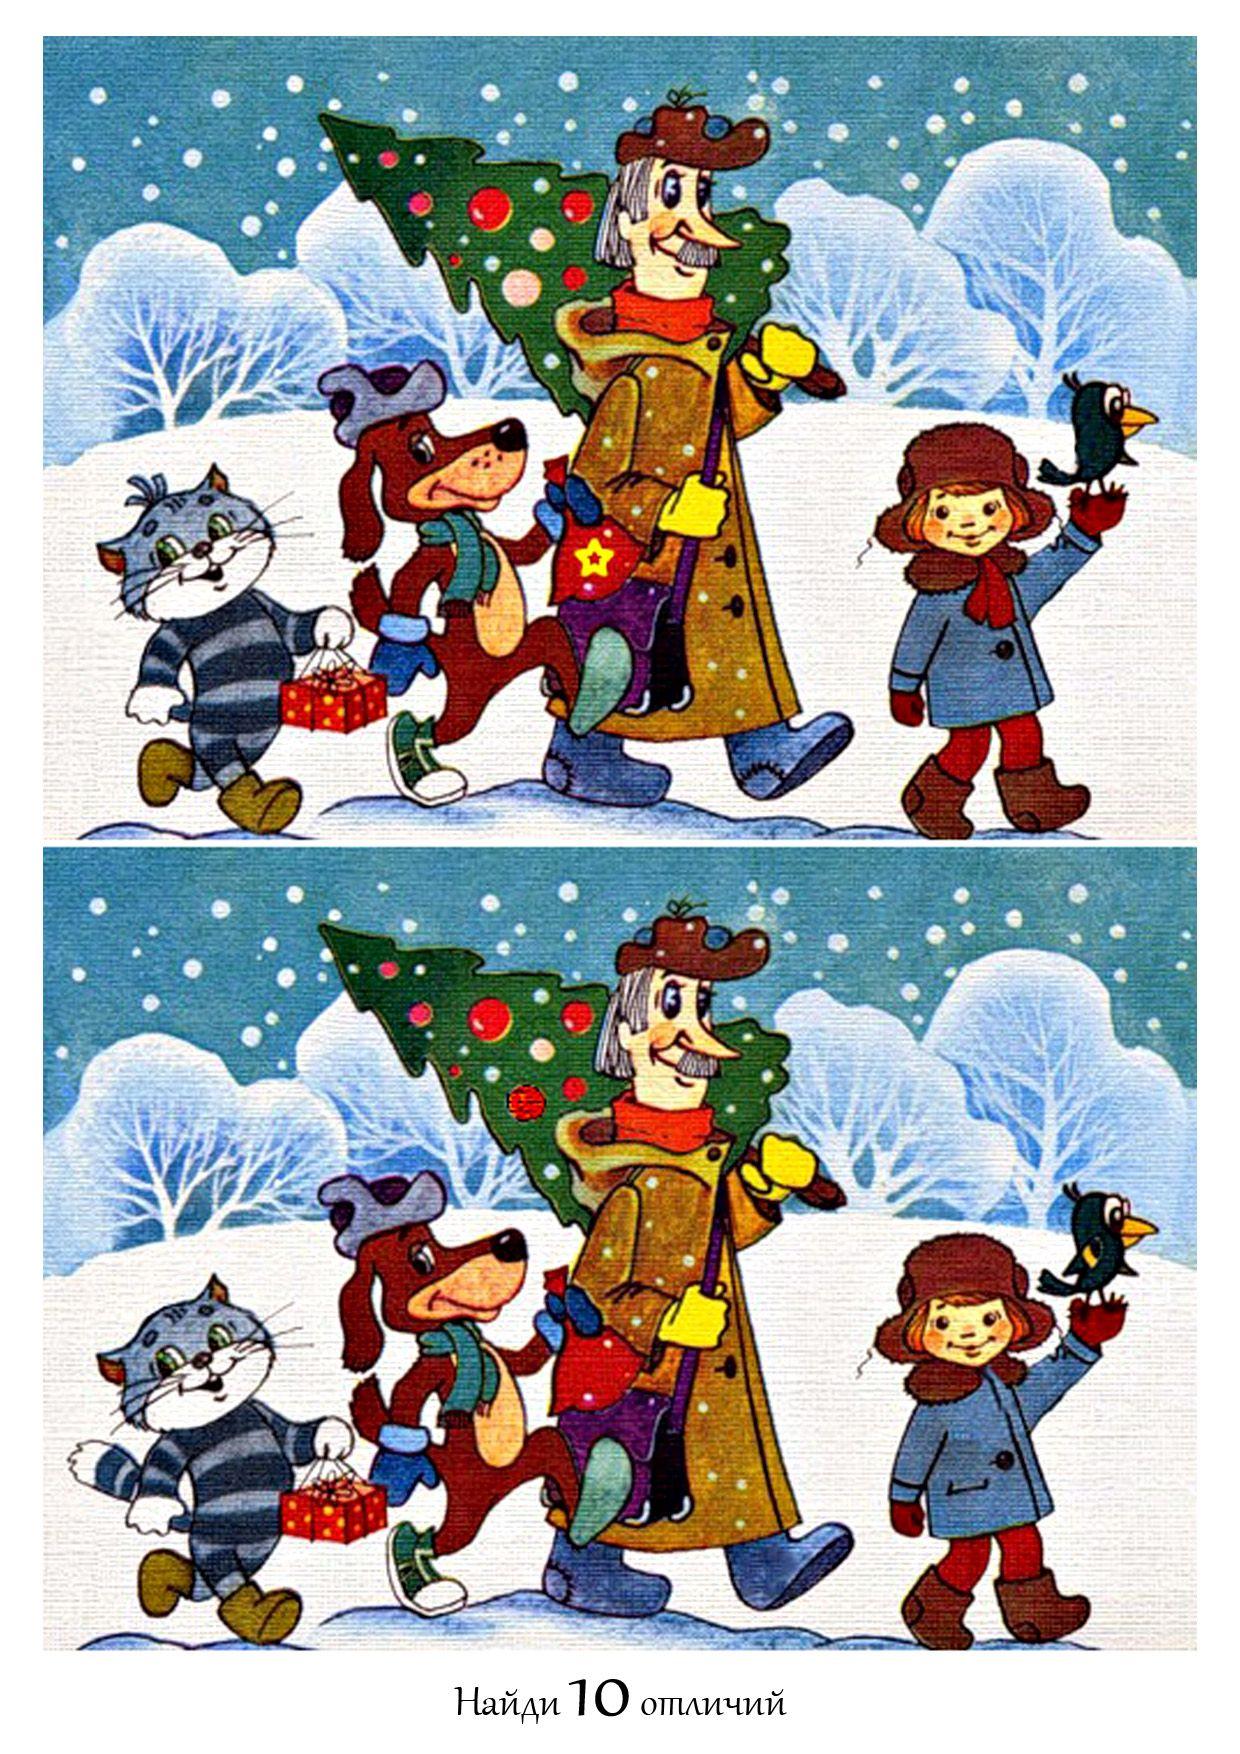 Найди отличия. Зима | Учебные идеи, Дошкольные распечатки ...